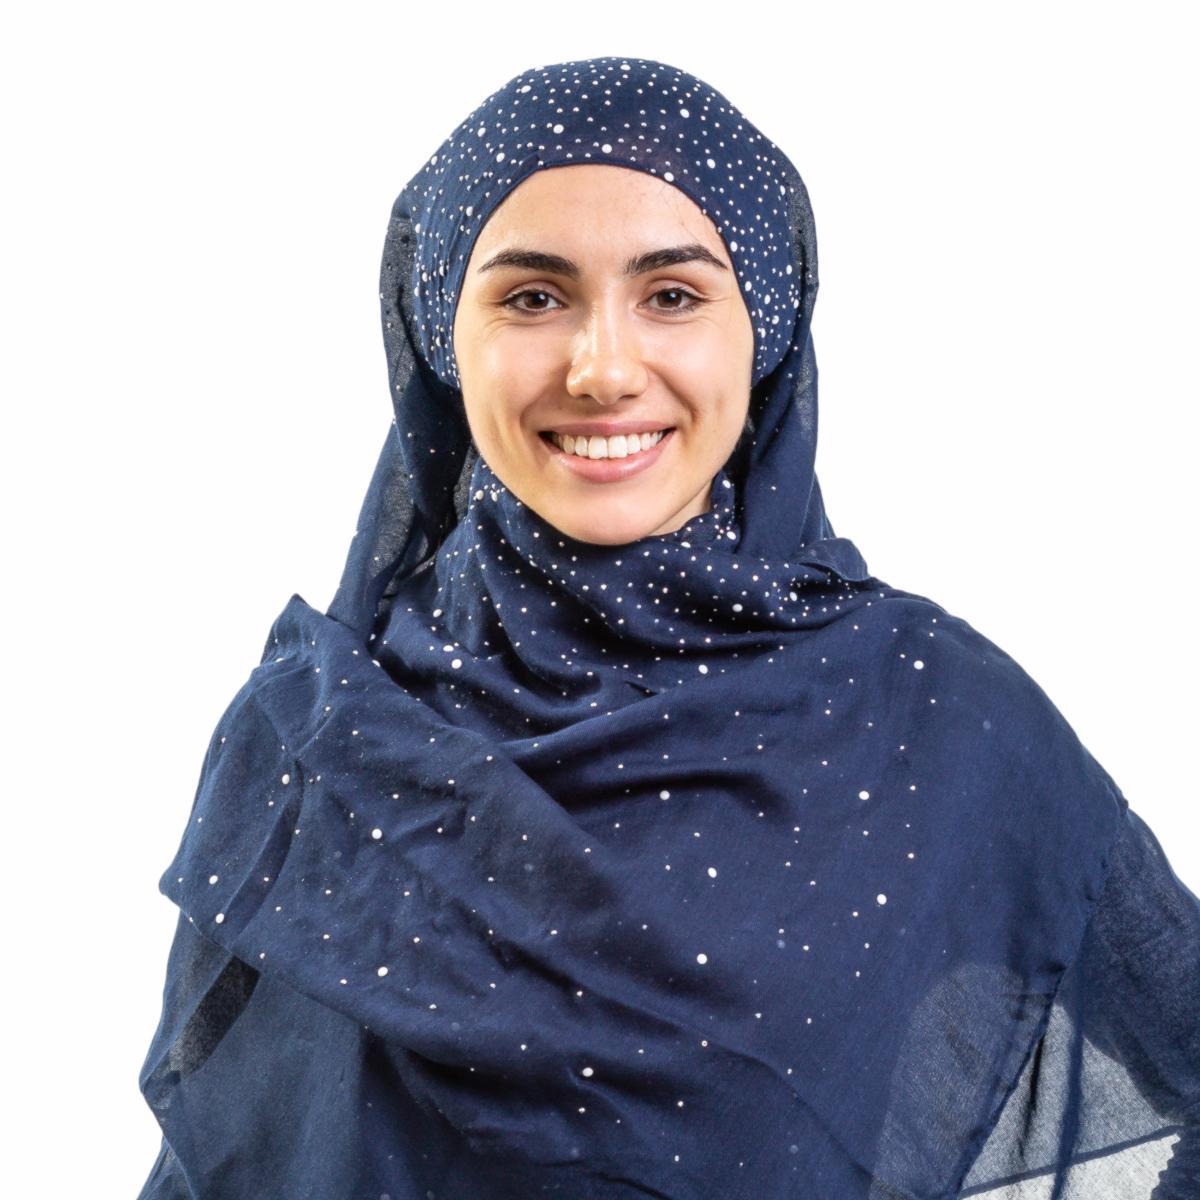 Хиджаб платок женский Asiyah AY-HJB4-01 темно-синий р. 170x60